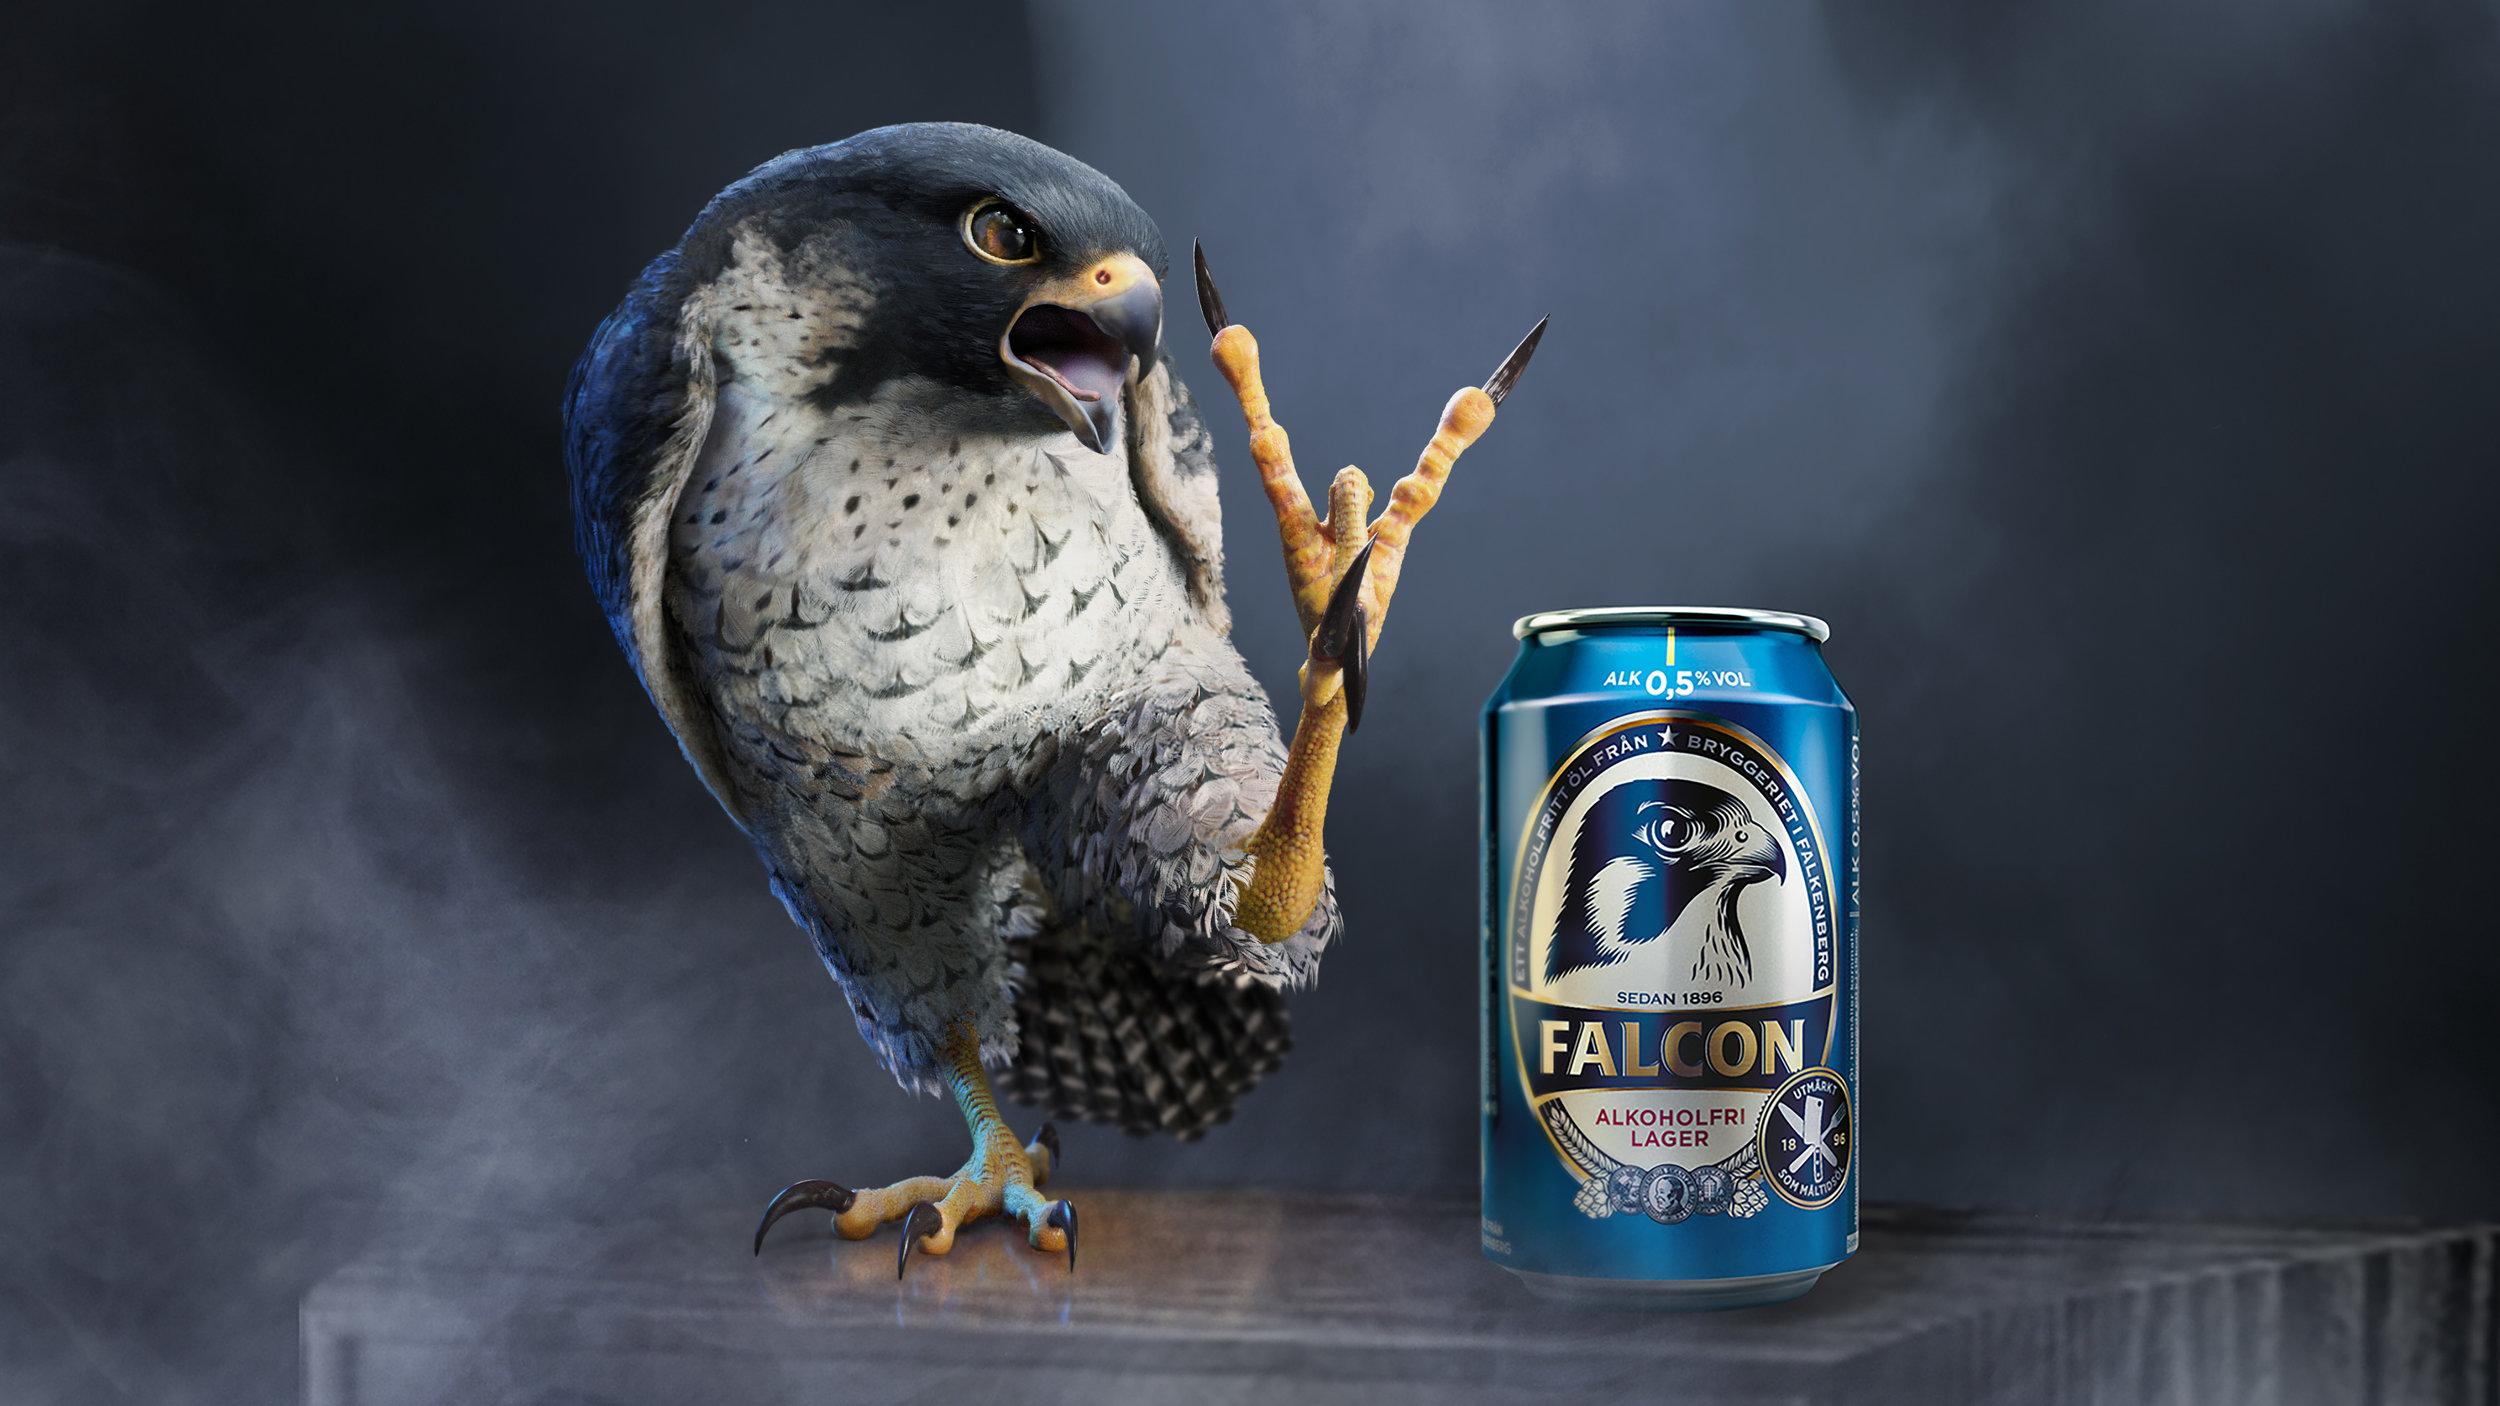 Falcon - Rock On